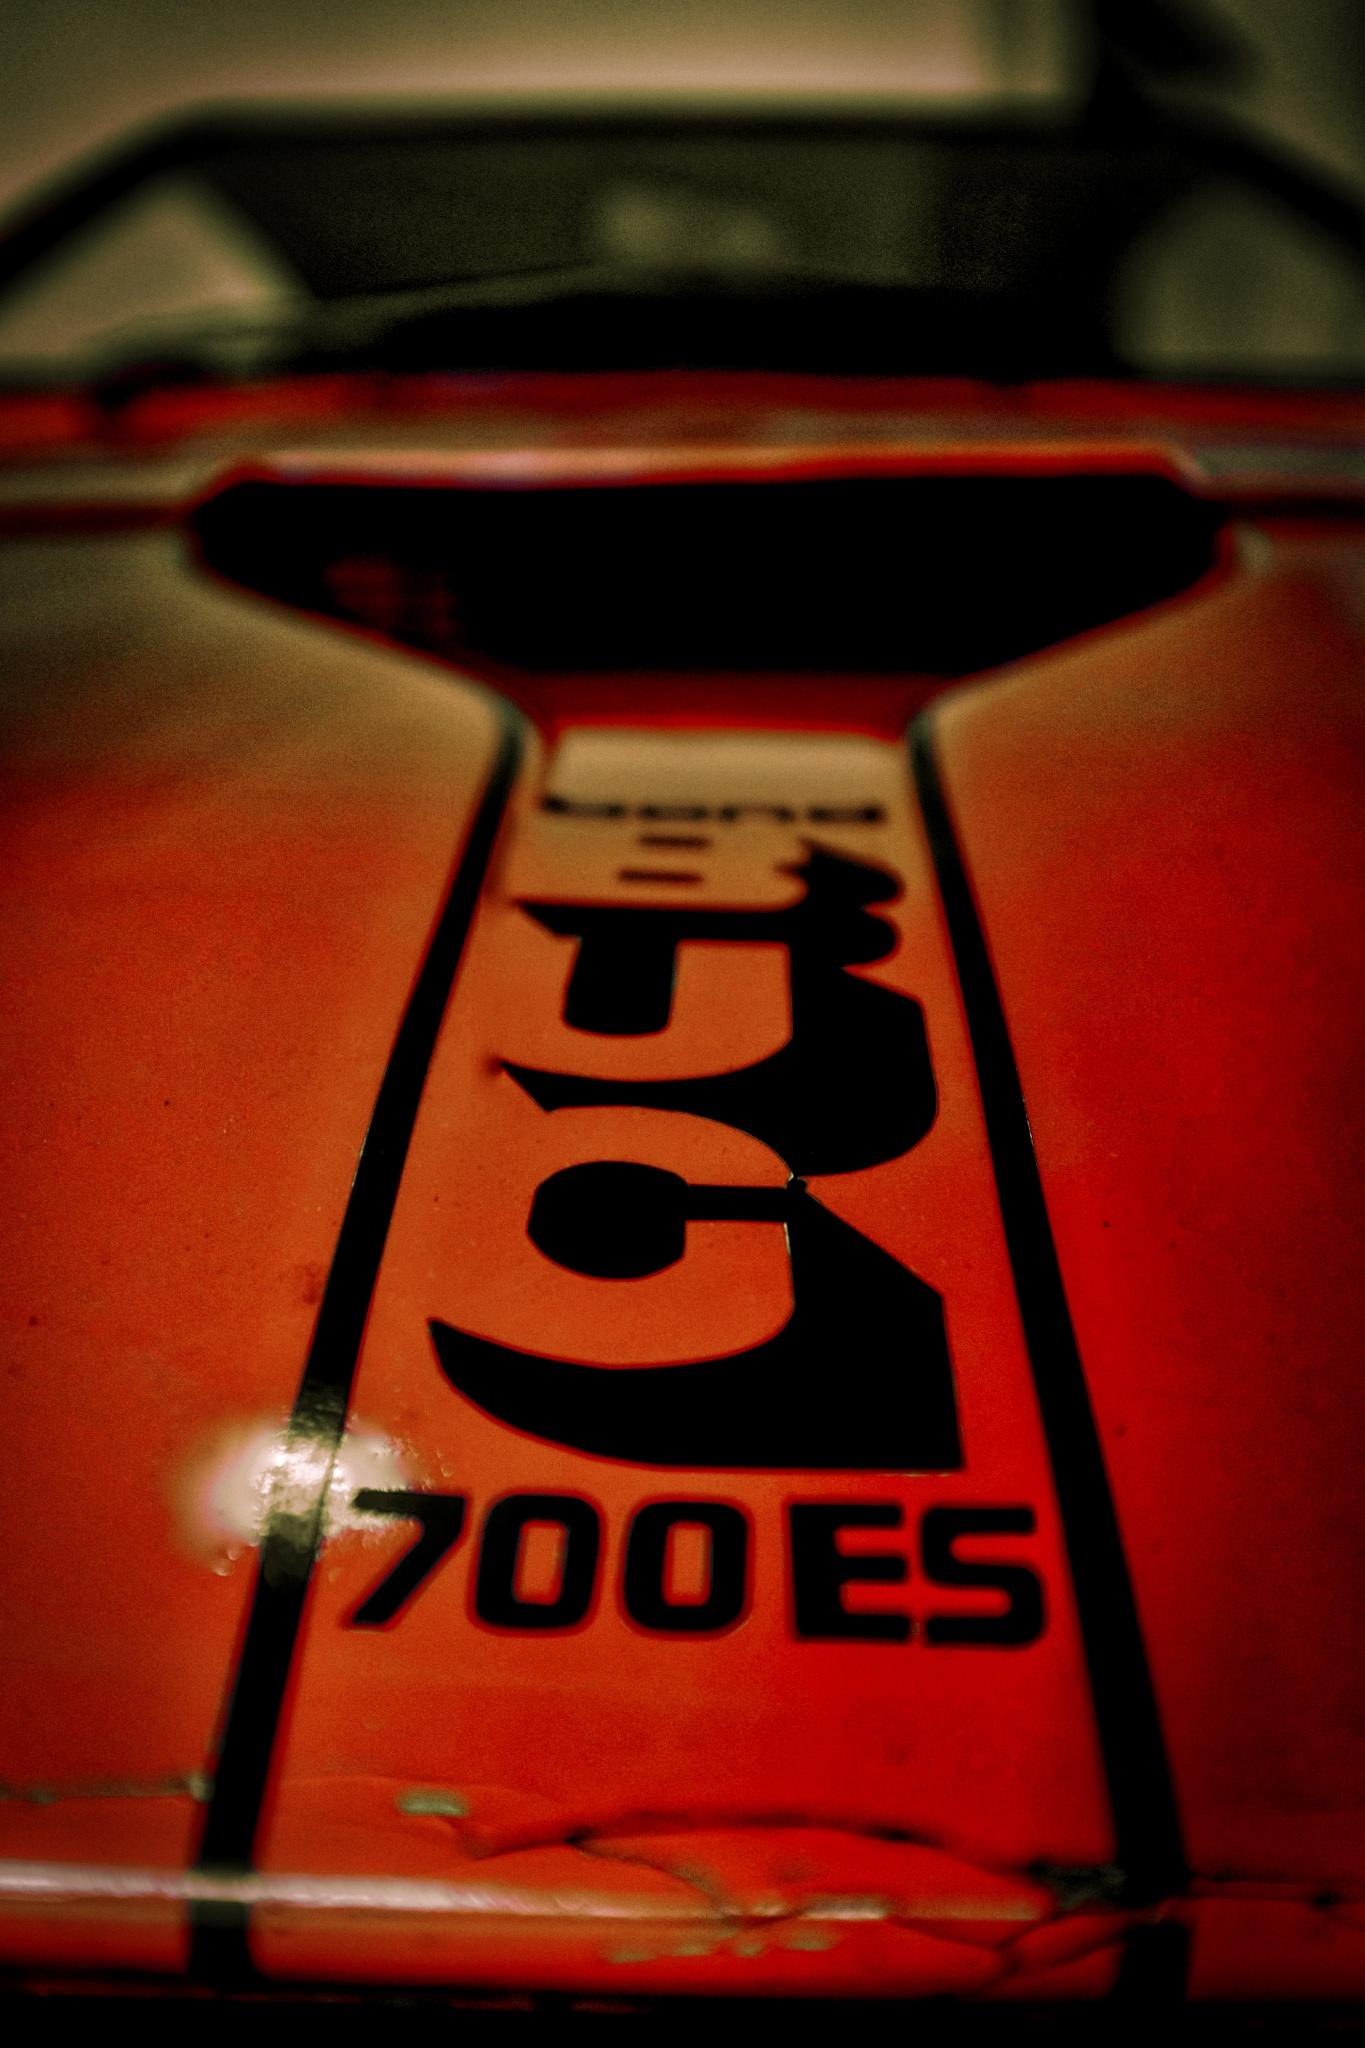 700ES by peterkryzun